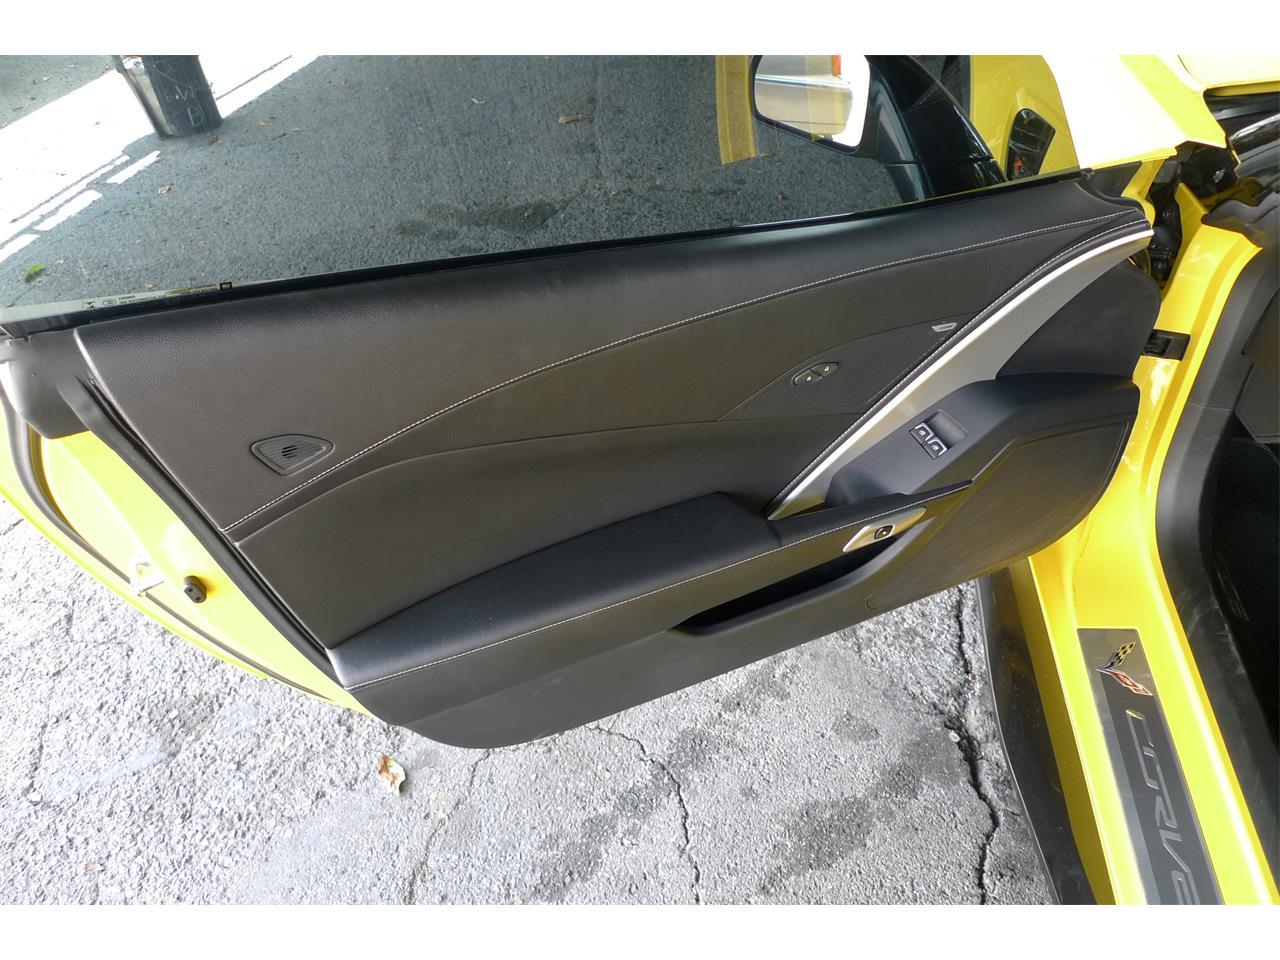 2016 Chevrolet Corvette Z06 (CC-1231429) for sale in ANAHEIM, California